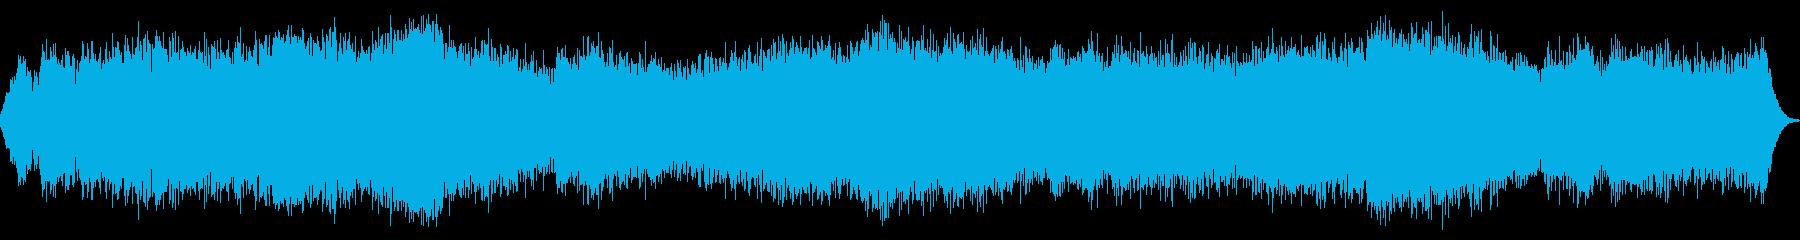 お化け屋敷で流れそうな感じの曲の再生済みの波形